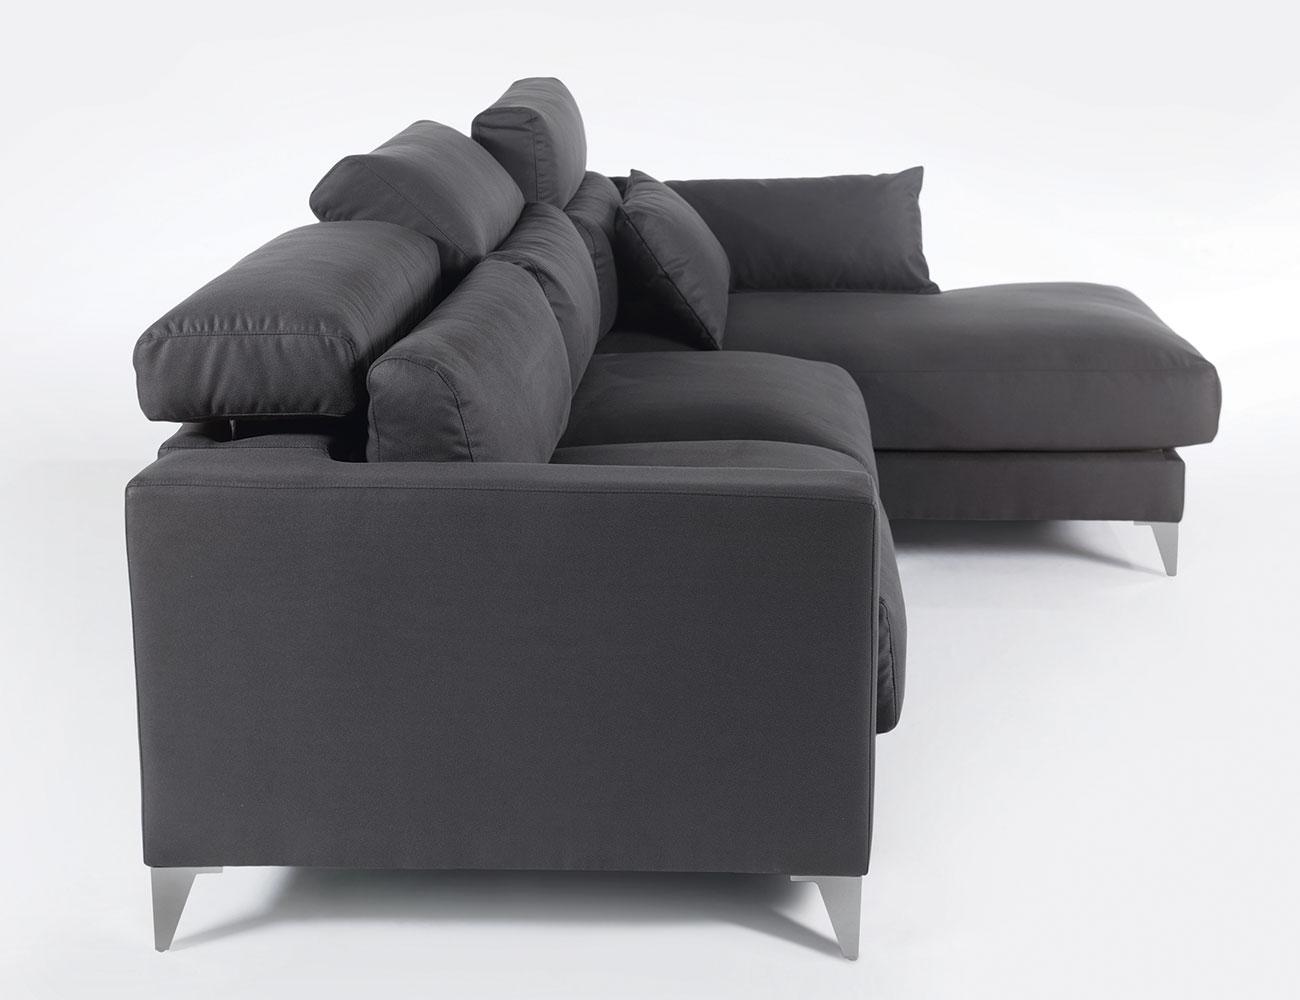 Sofa chaiselongue gran lujo decorativo grafito 133